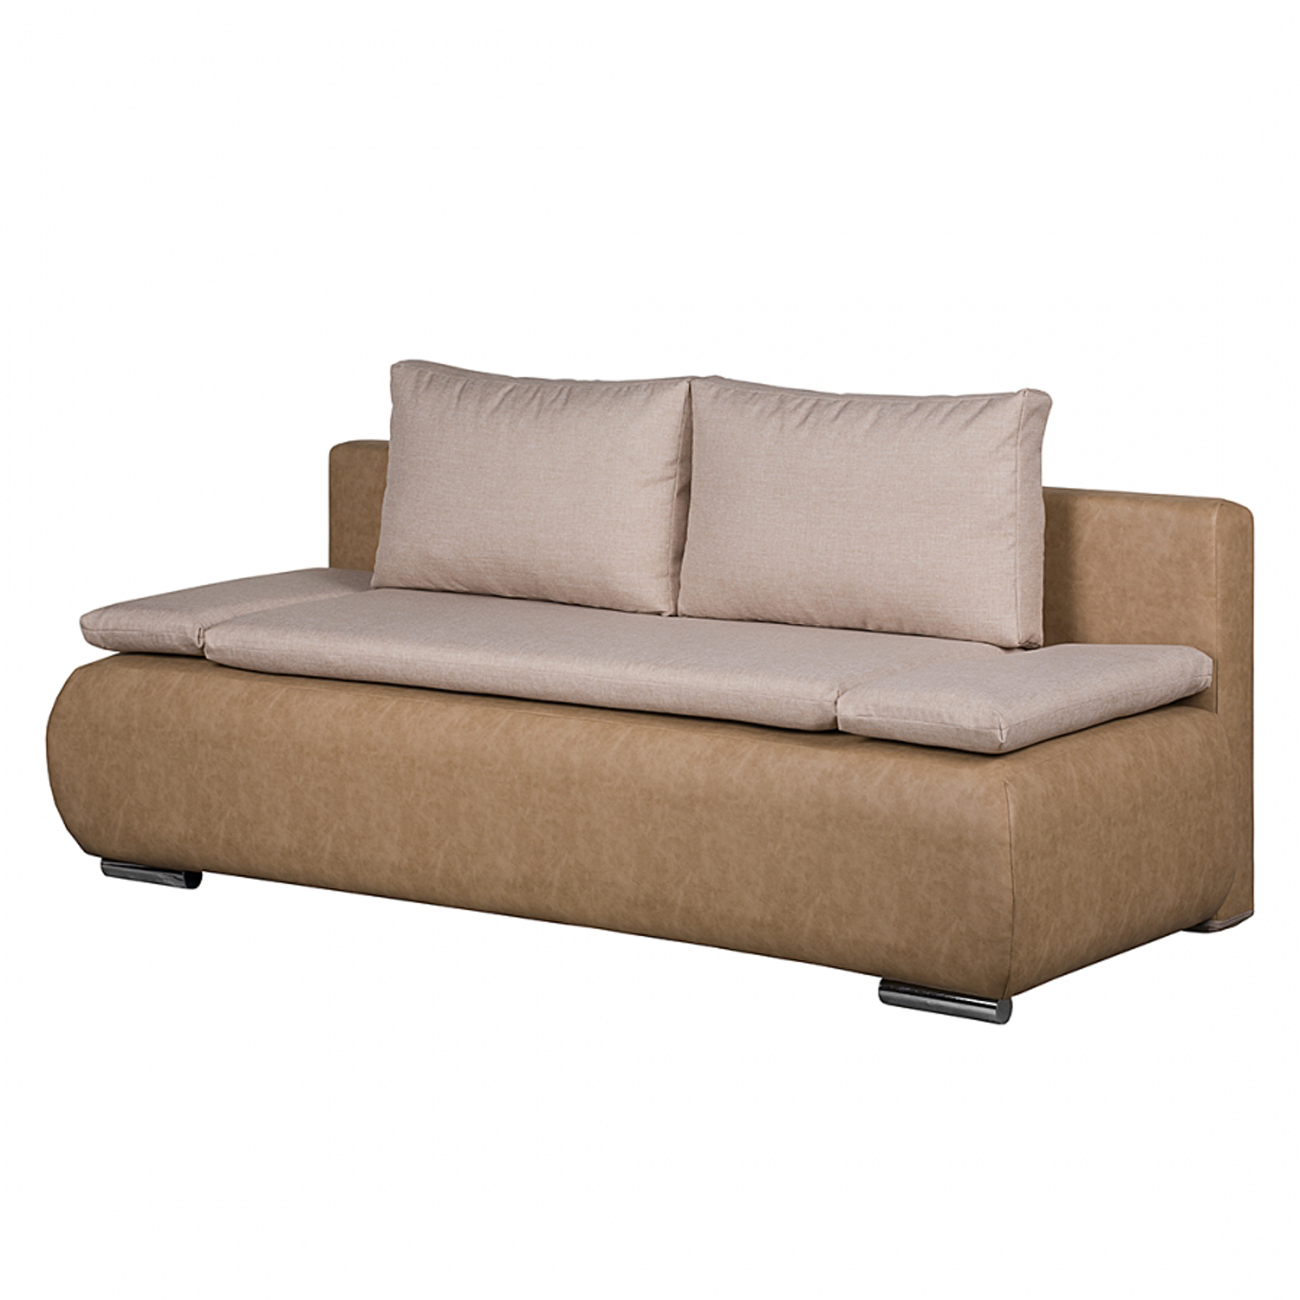 Sam schlafsofa beige creme sofa adriano 212 cm auf lager for Couch 0 finanzierung